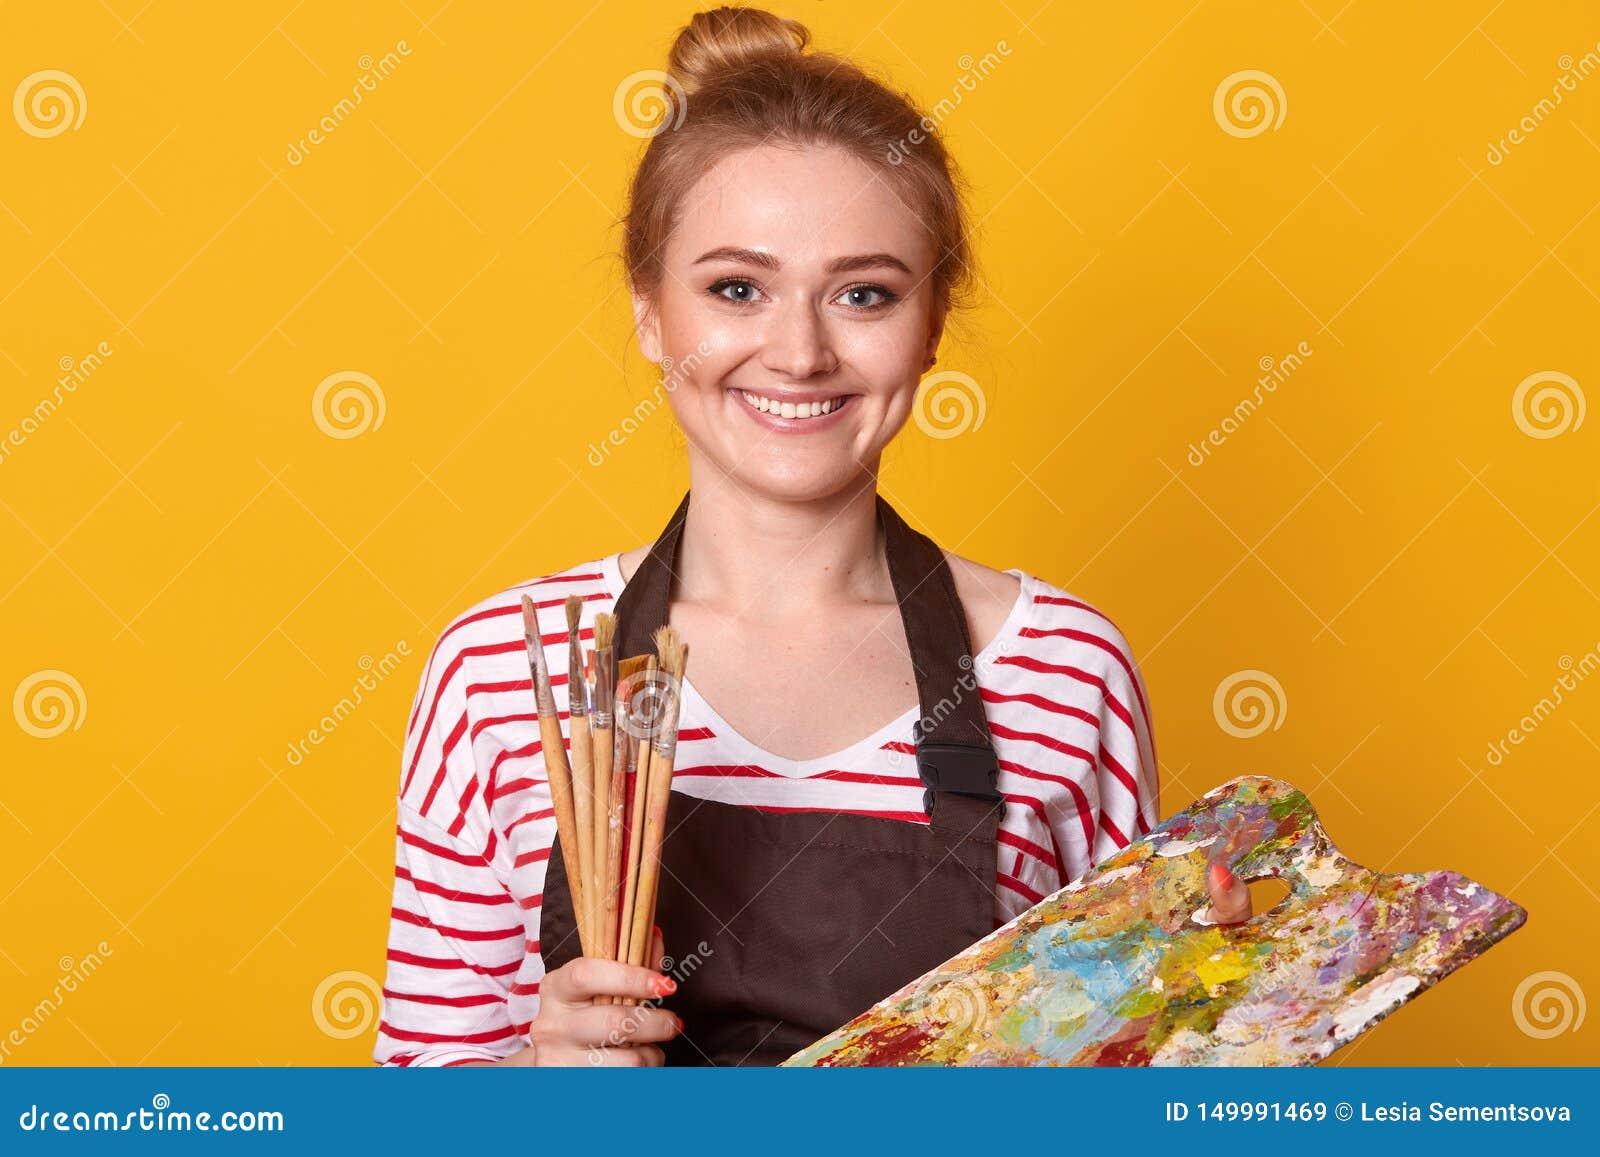 Portrait de plan rapproché du peintre mignon adorable positif utilisant le pull molletonné dépouillé, tablier brun, accessoires,